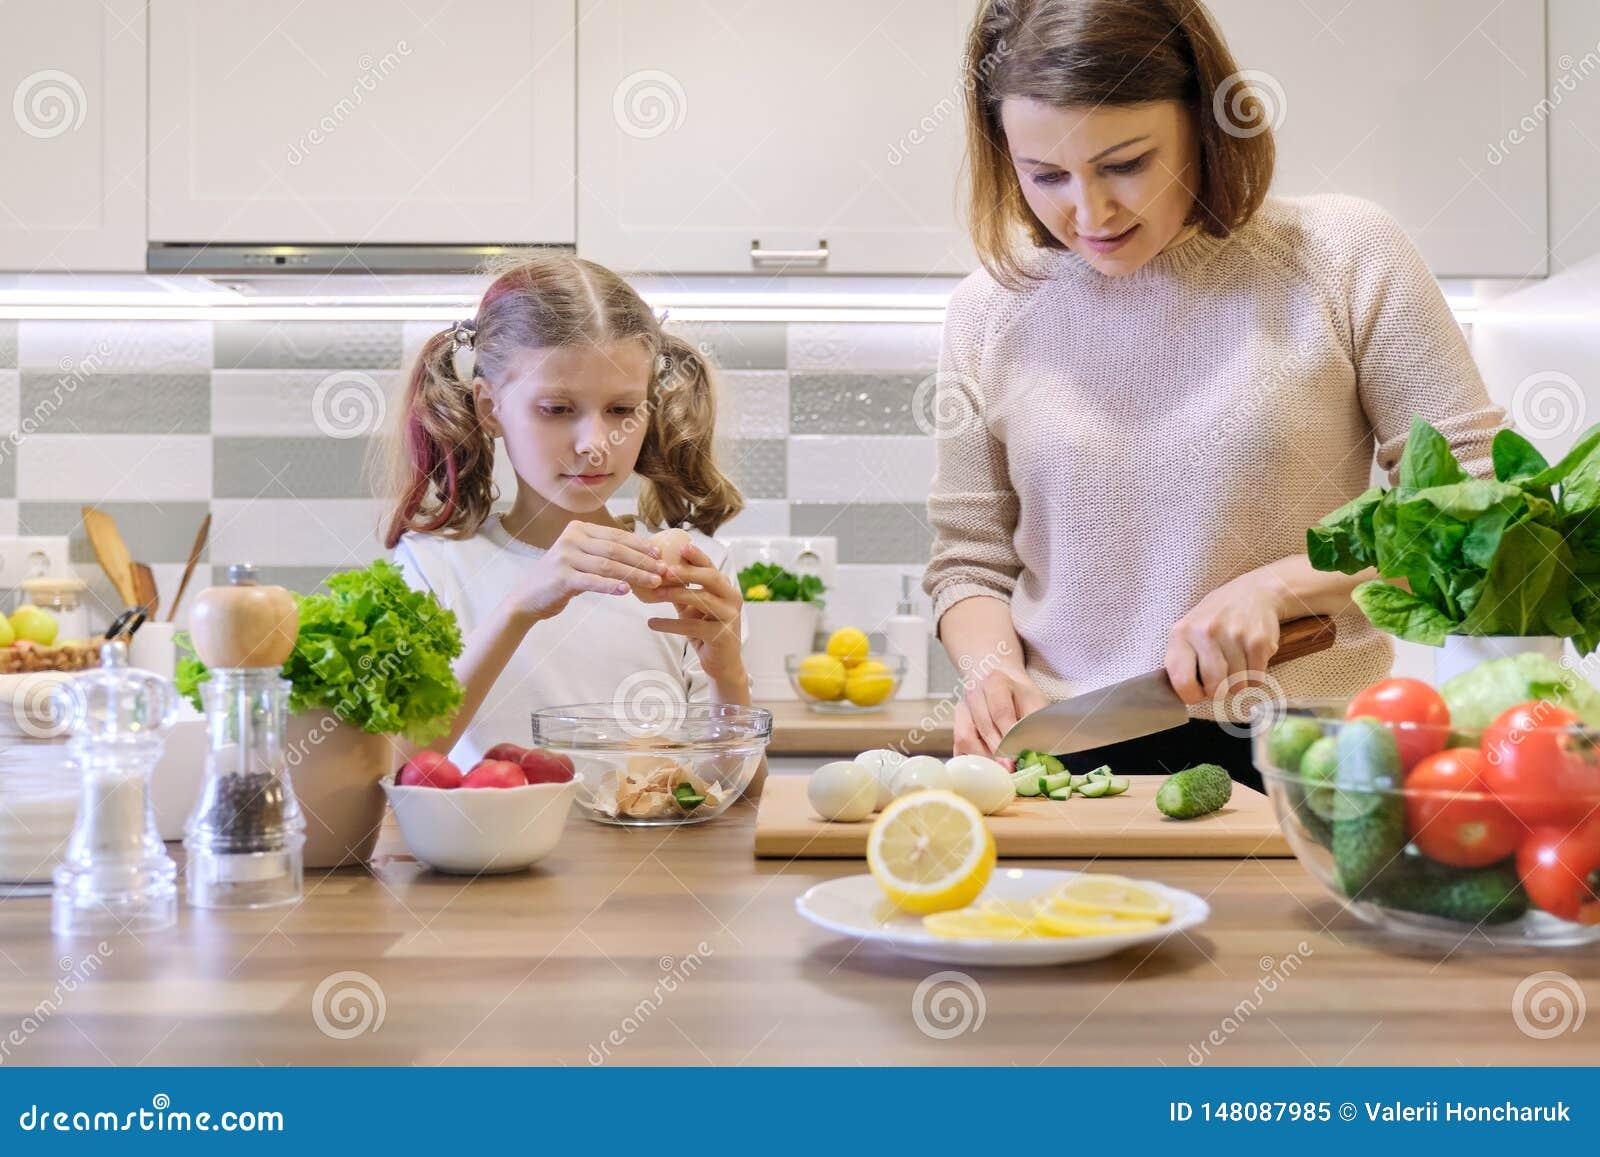 Mutter und Kind, die zusammen zu Hause in der K?che kochen Gesunde Ern?hrung, Mutter unterrichtet Tochter zu kochen, Elternteilki